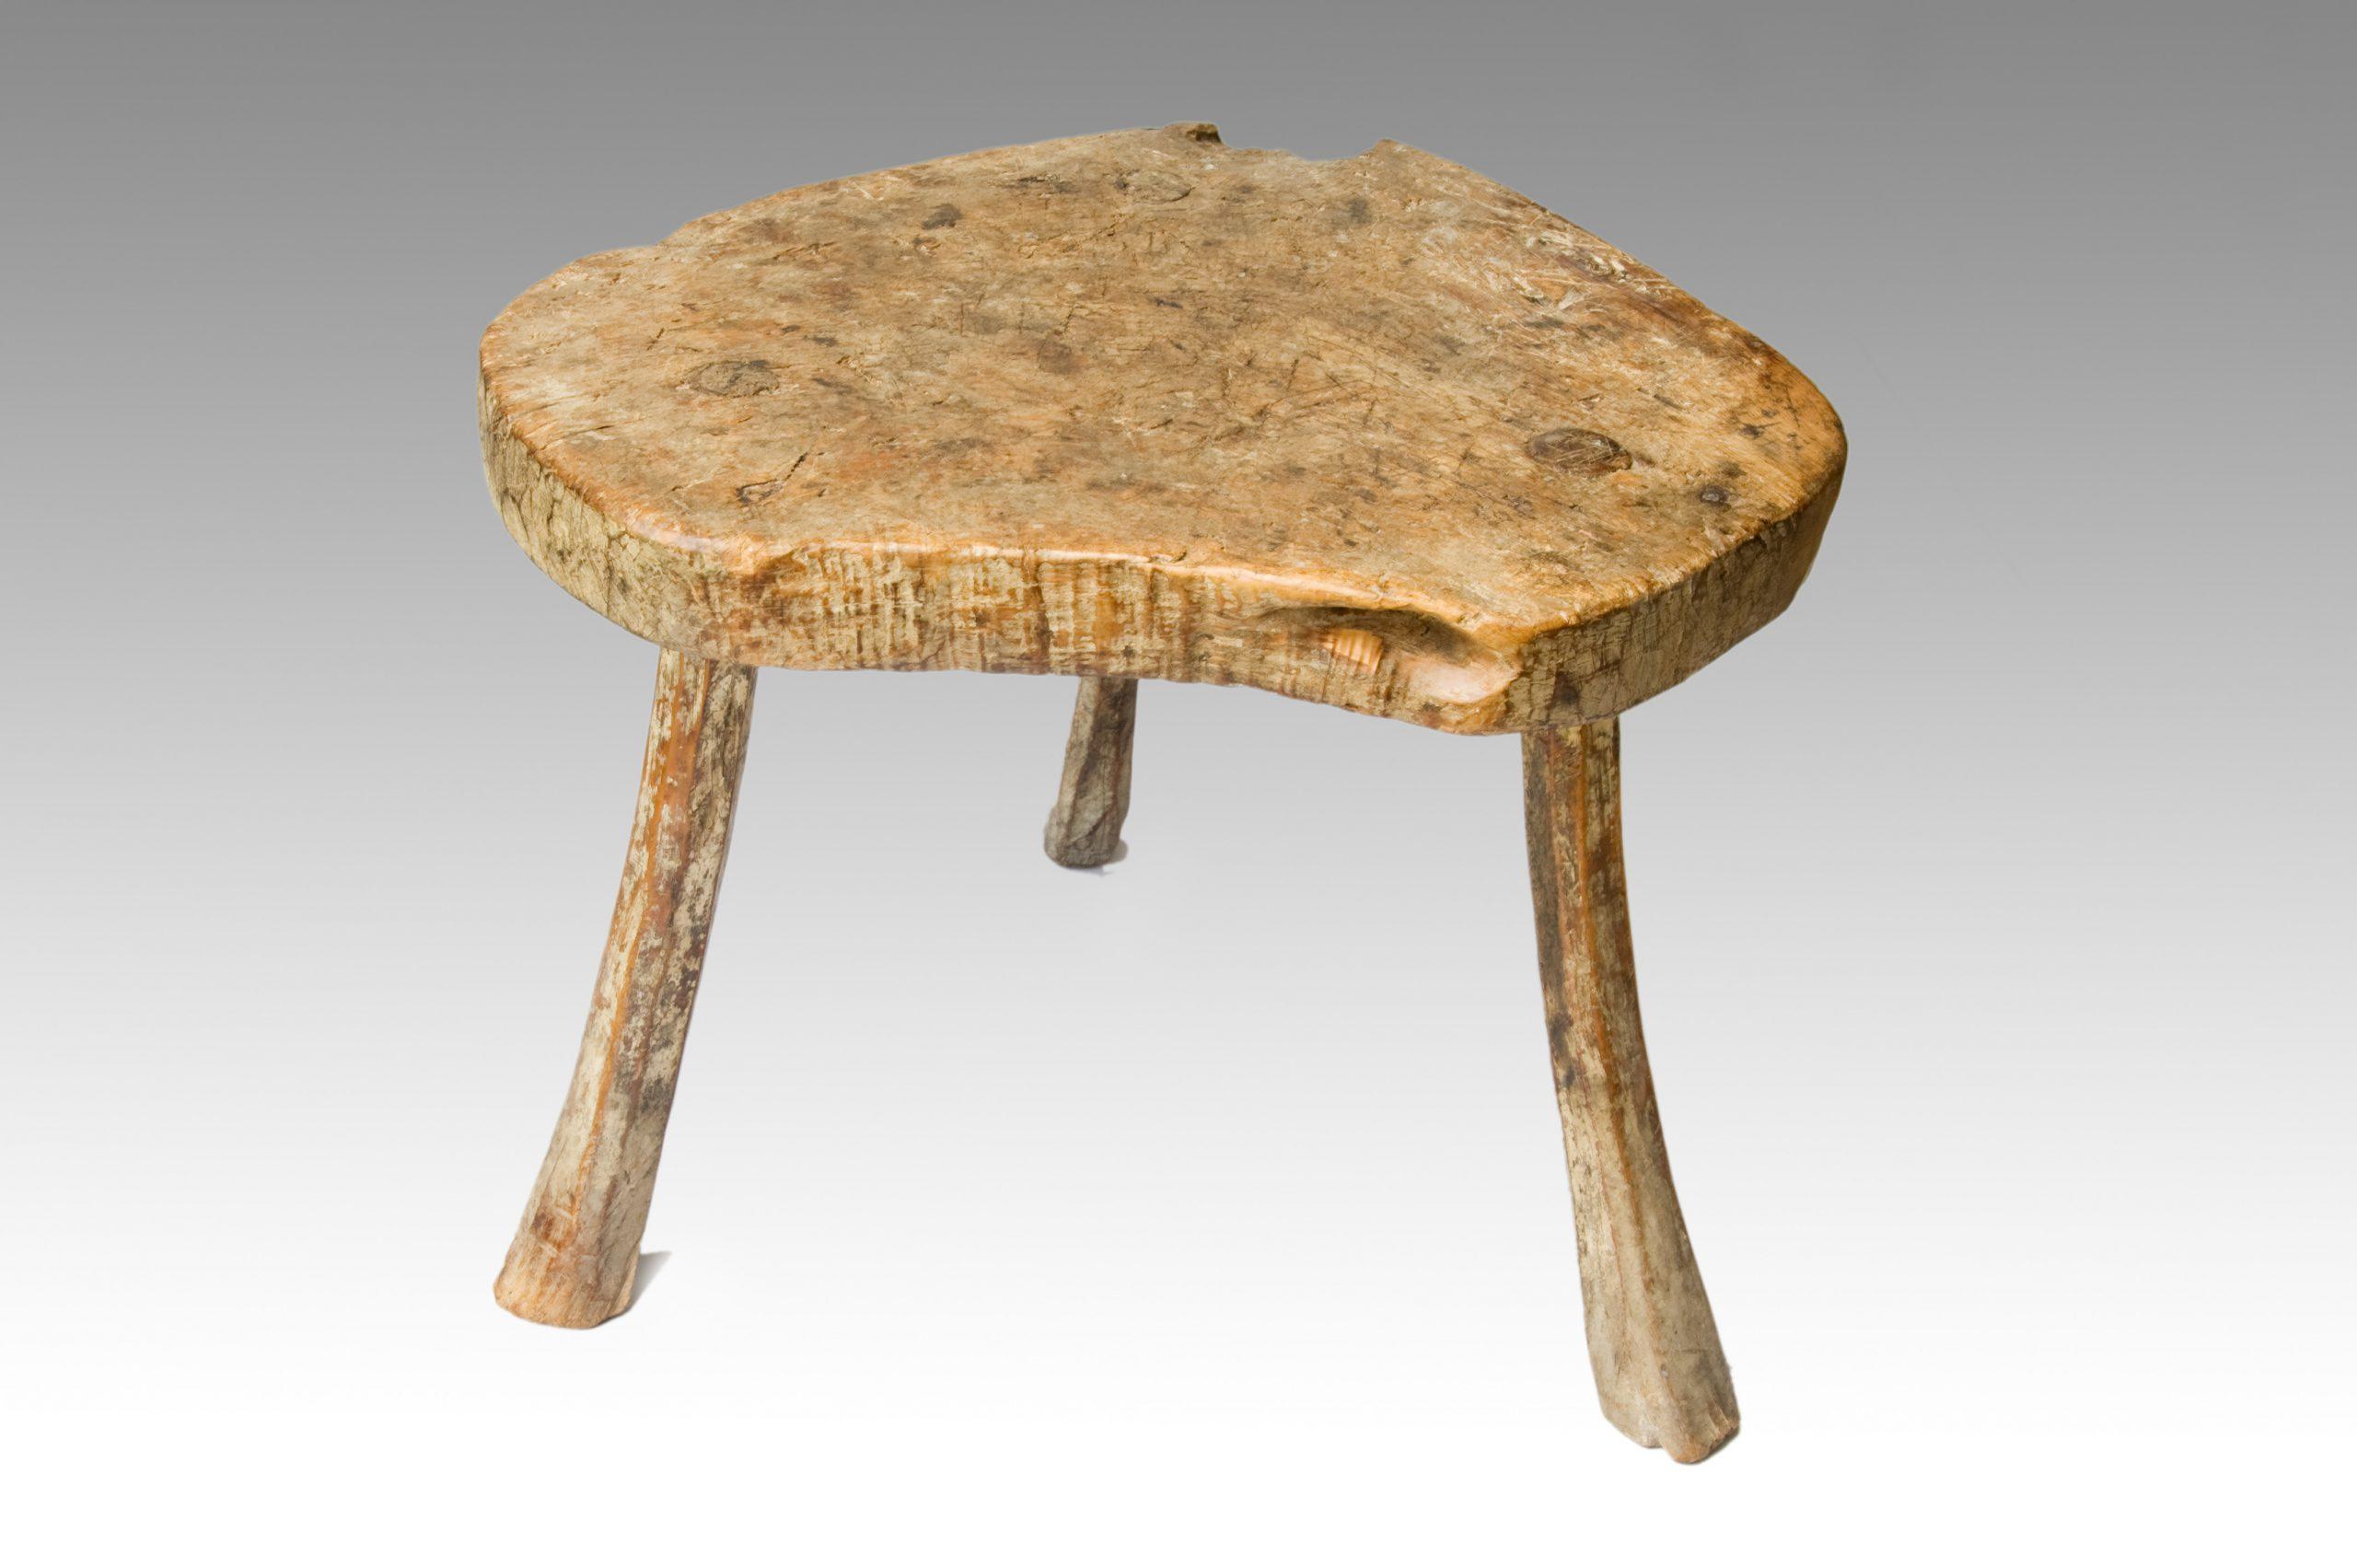 Image of Primitive Cedar Table